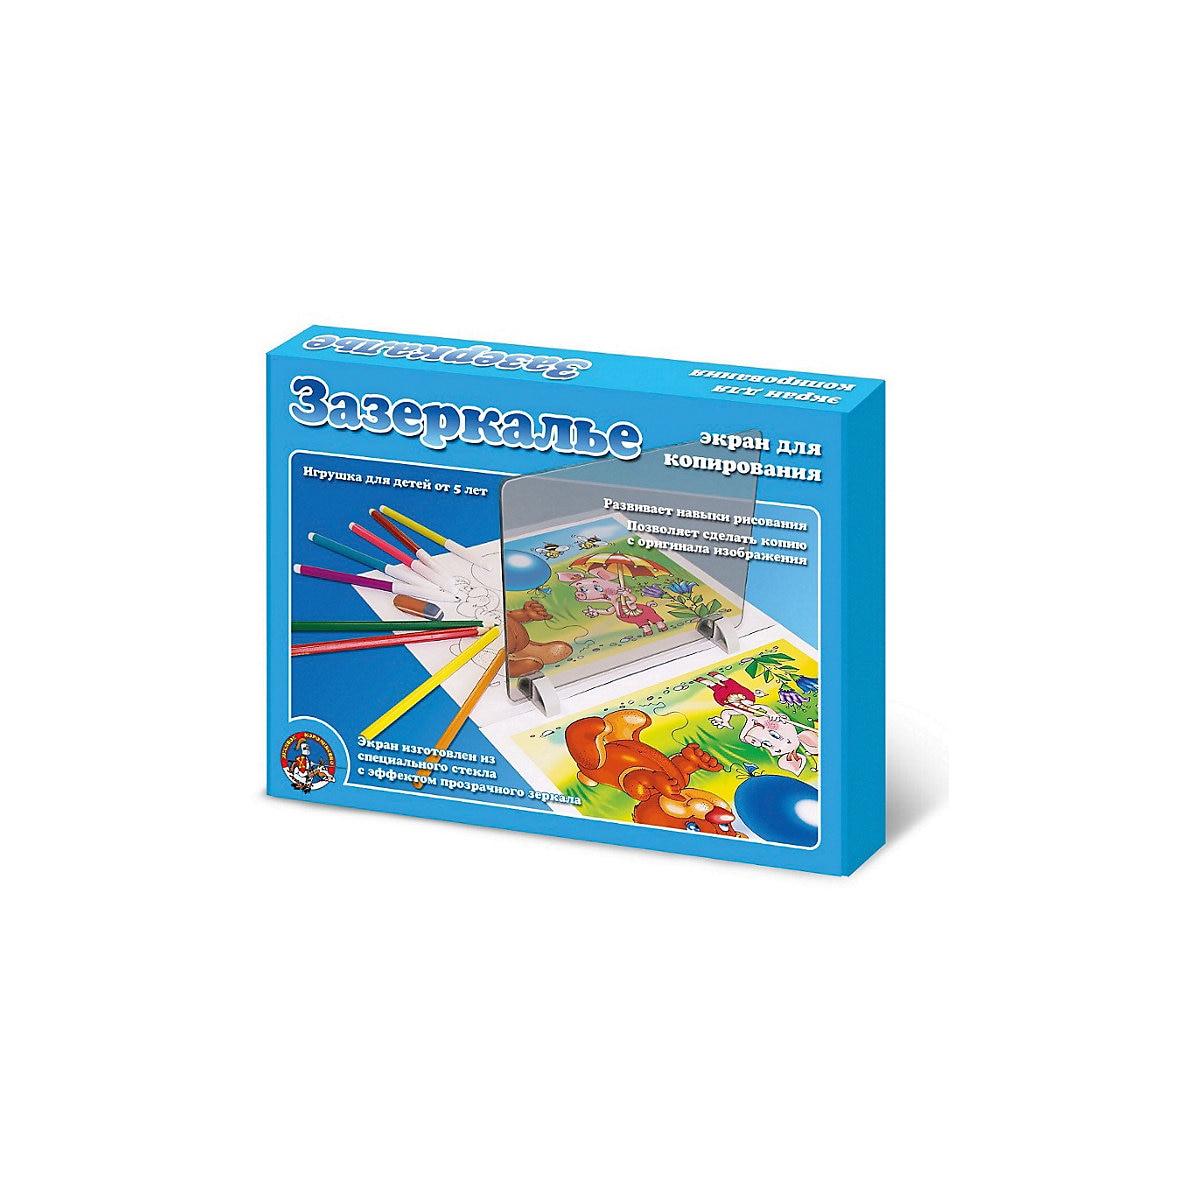 DESYATOE KOROLEVSTVO dibujo juguetes 100001733 para la creatividad Educación y Entrenamiento juguete niños aprendizaje MTpromo